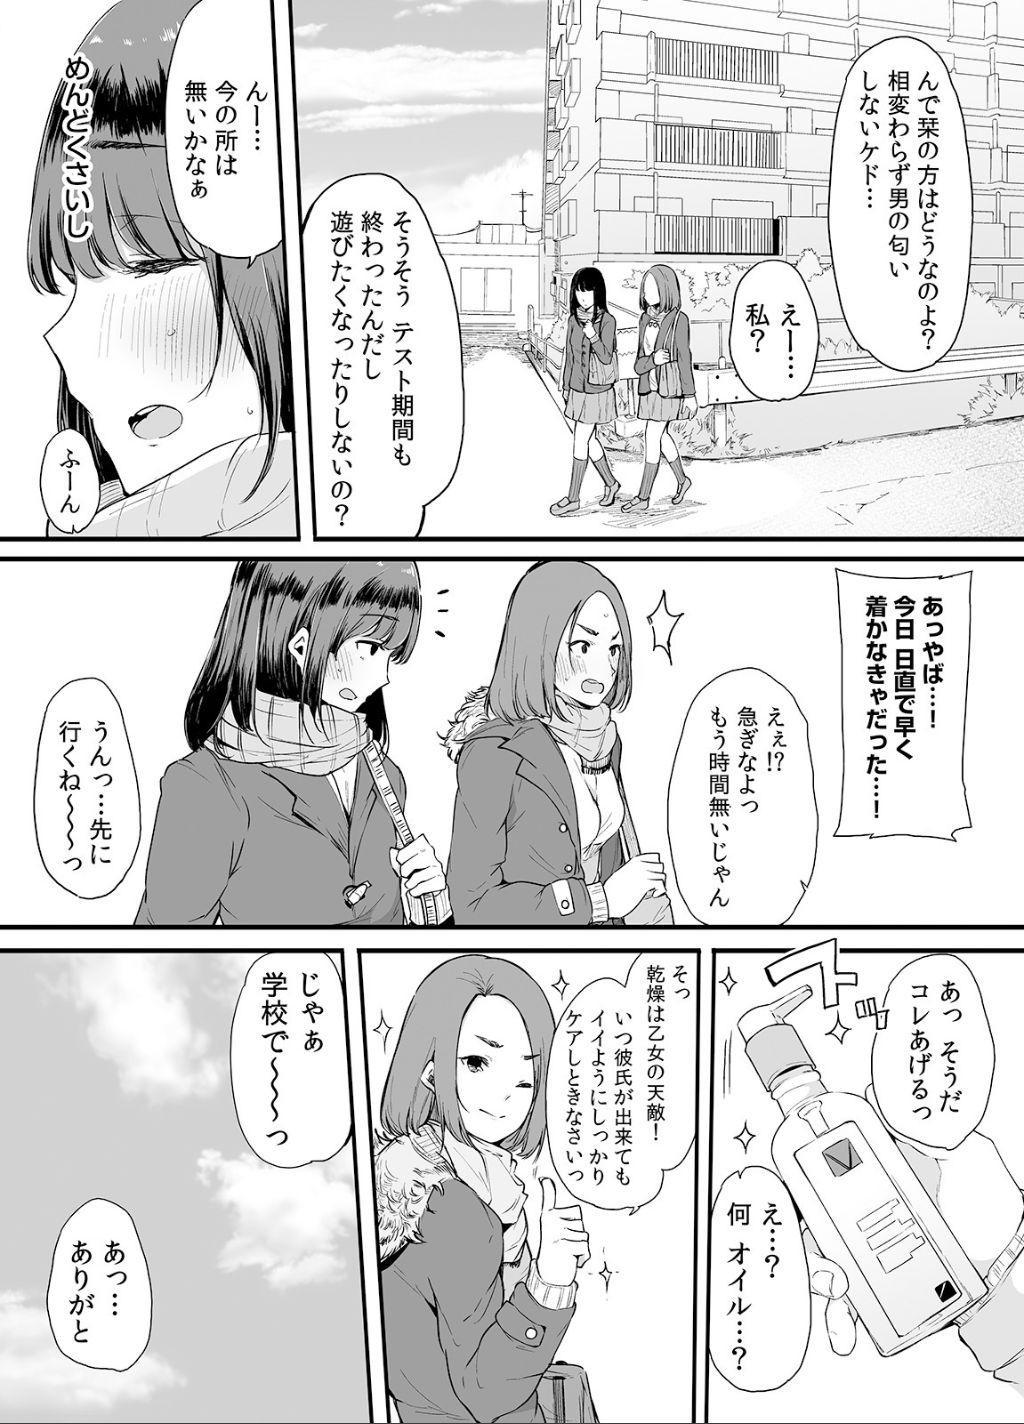 Otouto ni Ero Manga to Onaji Koto o Sare Chau o Nee-chan no Hanashi 2 55